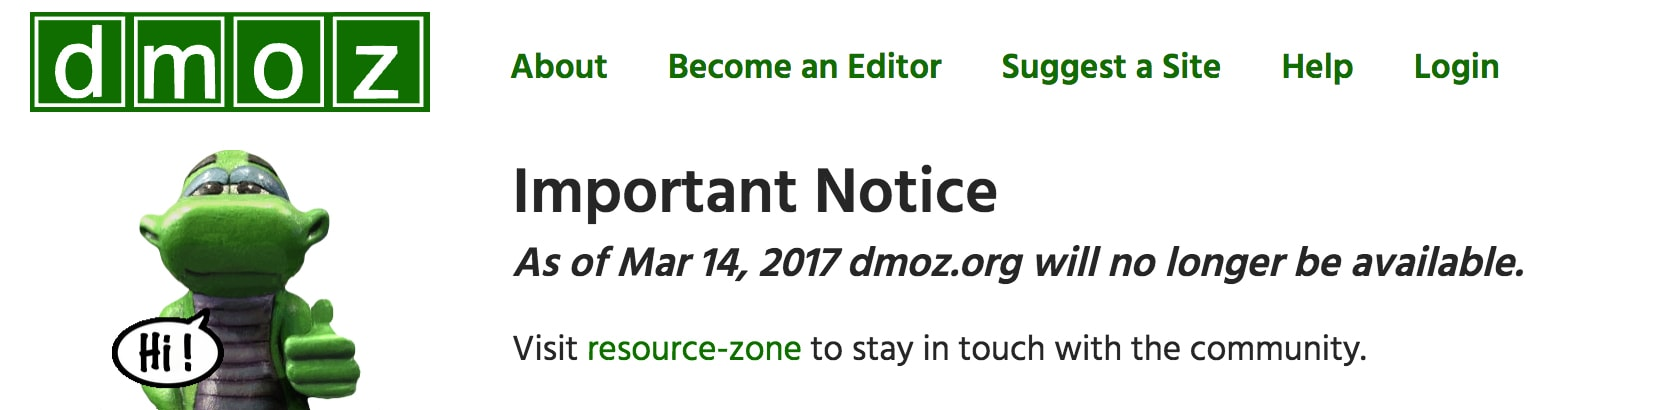 不变革,必淘汰 - 开放目录 DMOZ 关闭分析-米饭粑